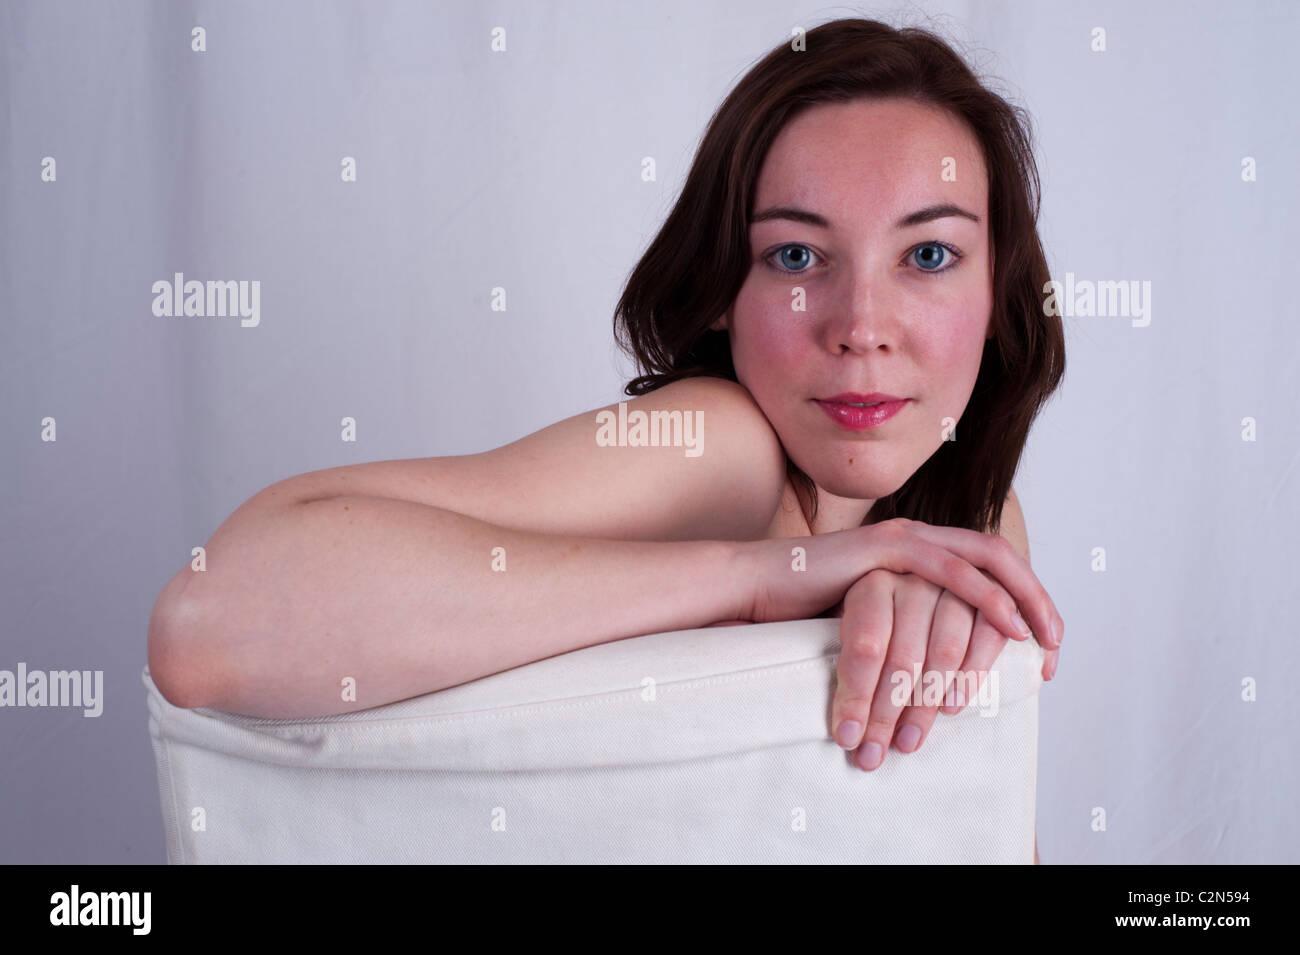 Ritratto di una giovane donna con grandi occhi blu e capelli lunghi Immagini Stock